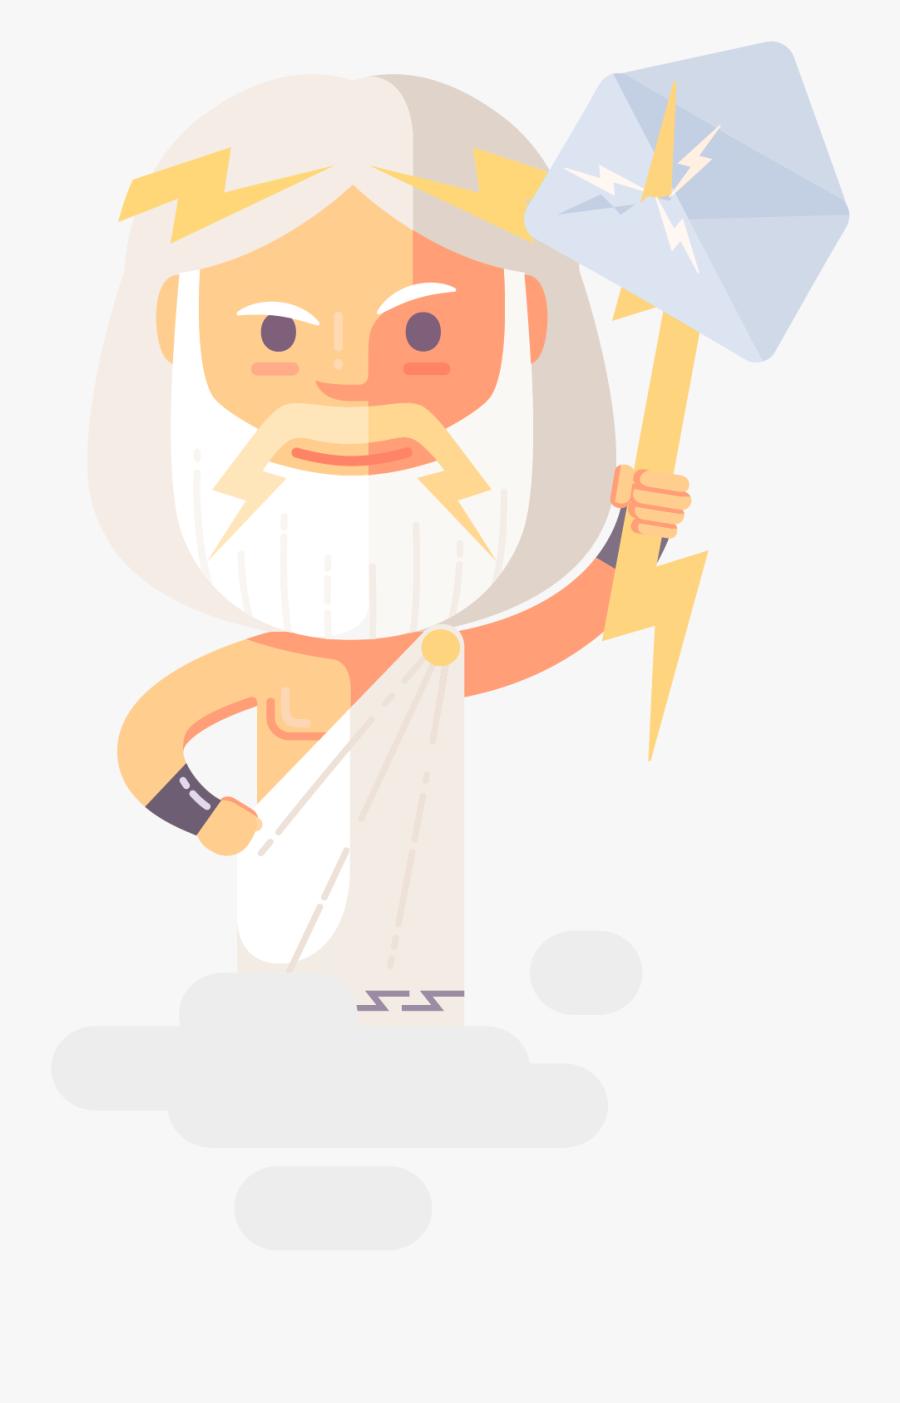 Transparent Zeus Png - Illustration, Transparent Clipart